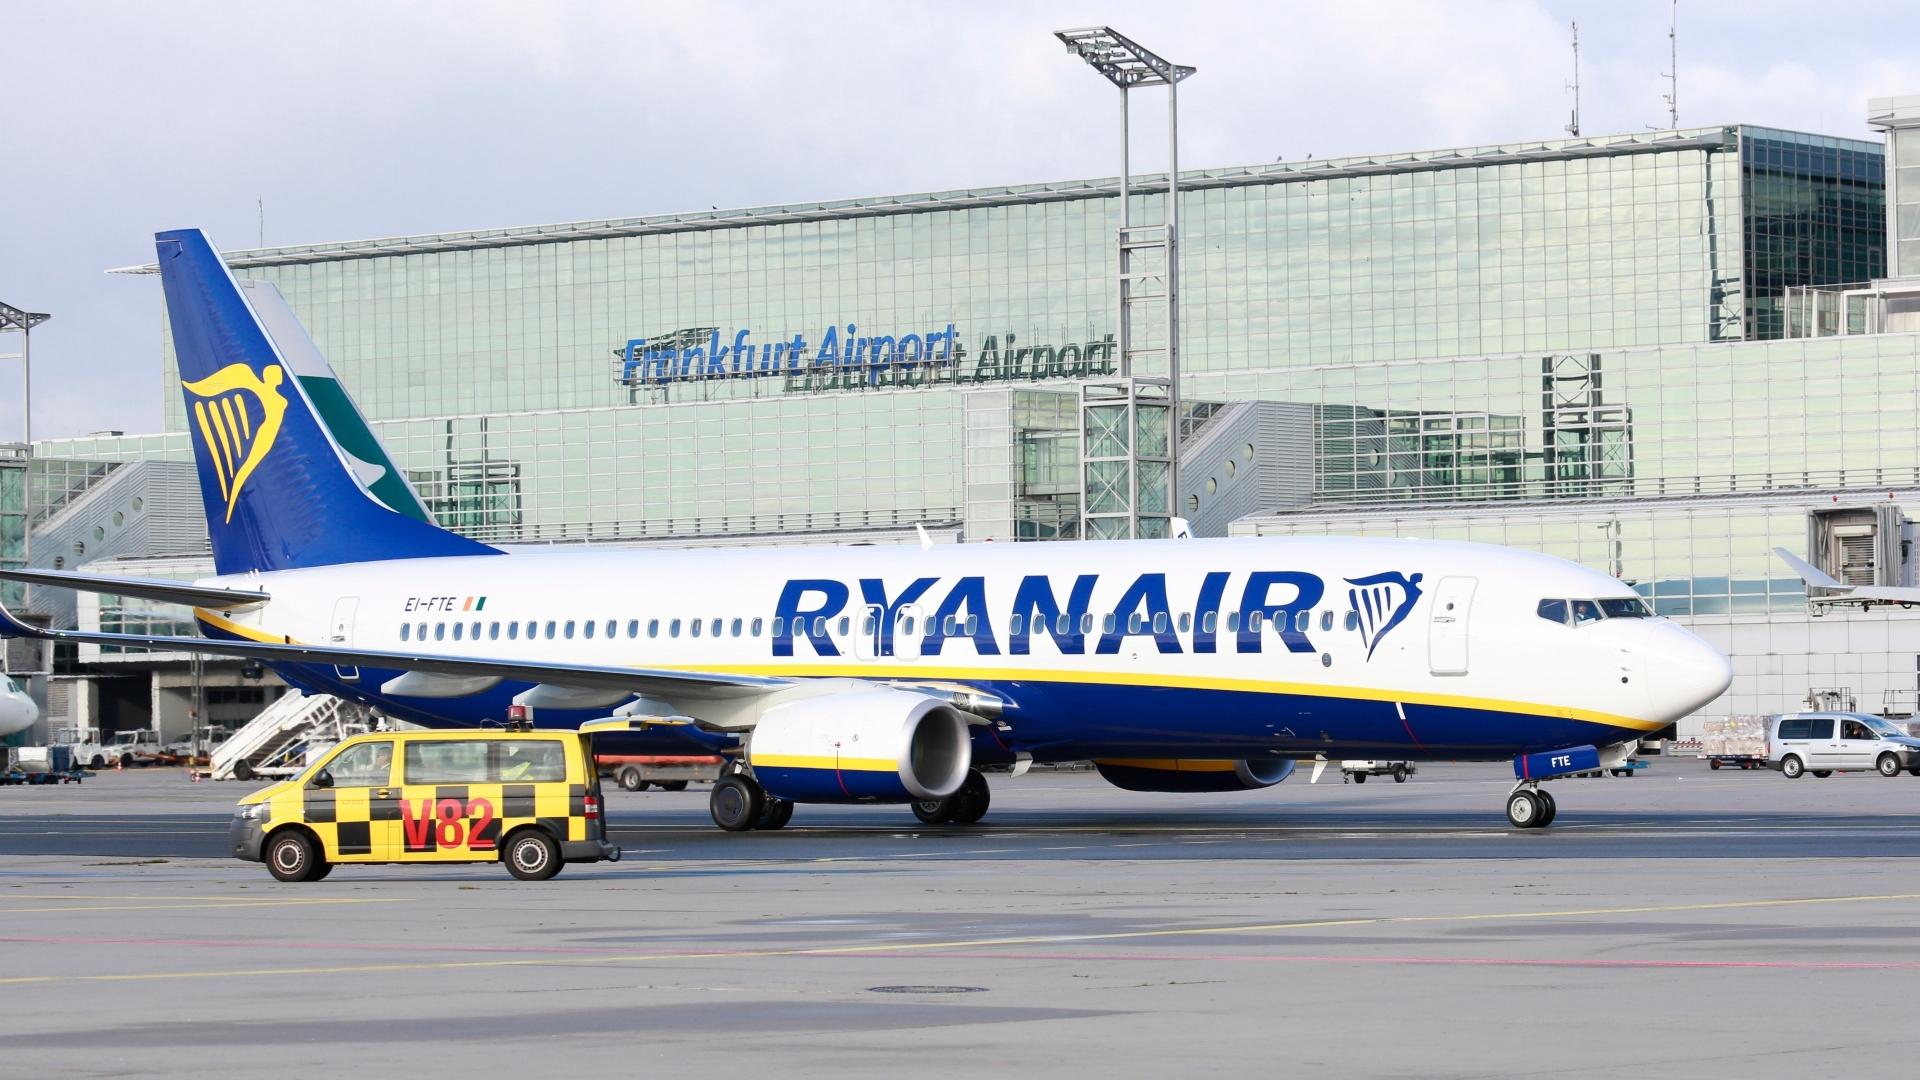 En Boeing 737-800 fra Ryanair var med i Frankfurt da selskabet annoncerede den nye base. Foto: Fraport AG/PR